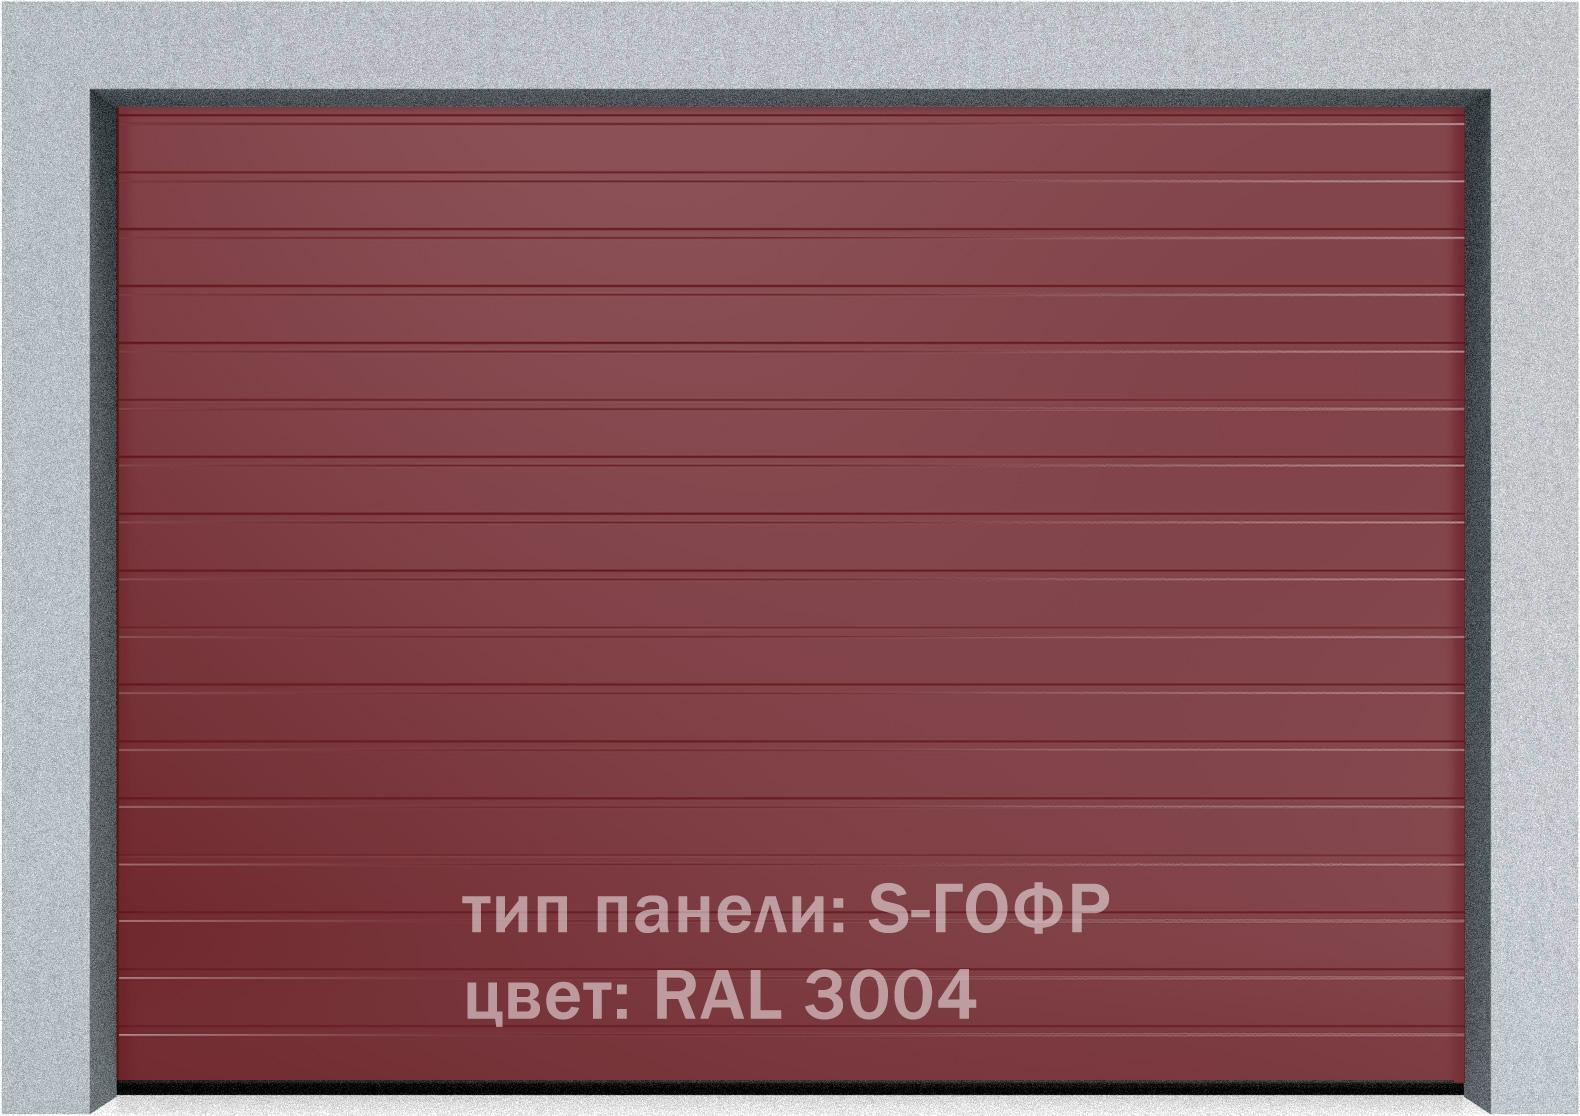 Секционные промышленные ворота Alutech ProTrend 2750х2250 S-гофр, Микроволна стандартные цвета, фото 5